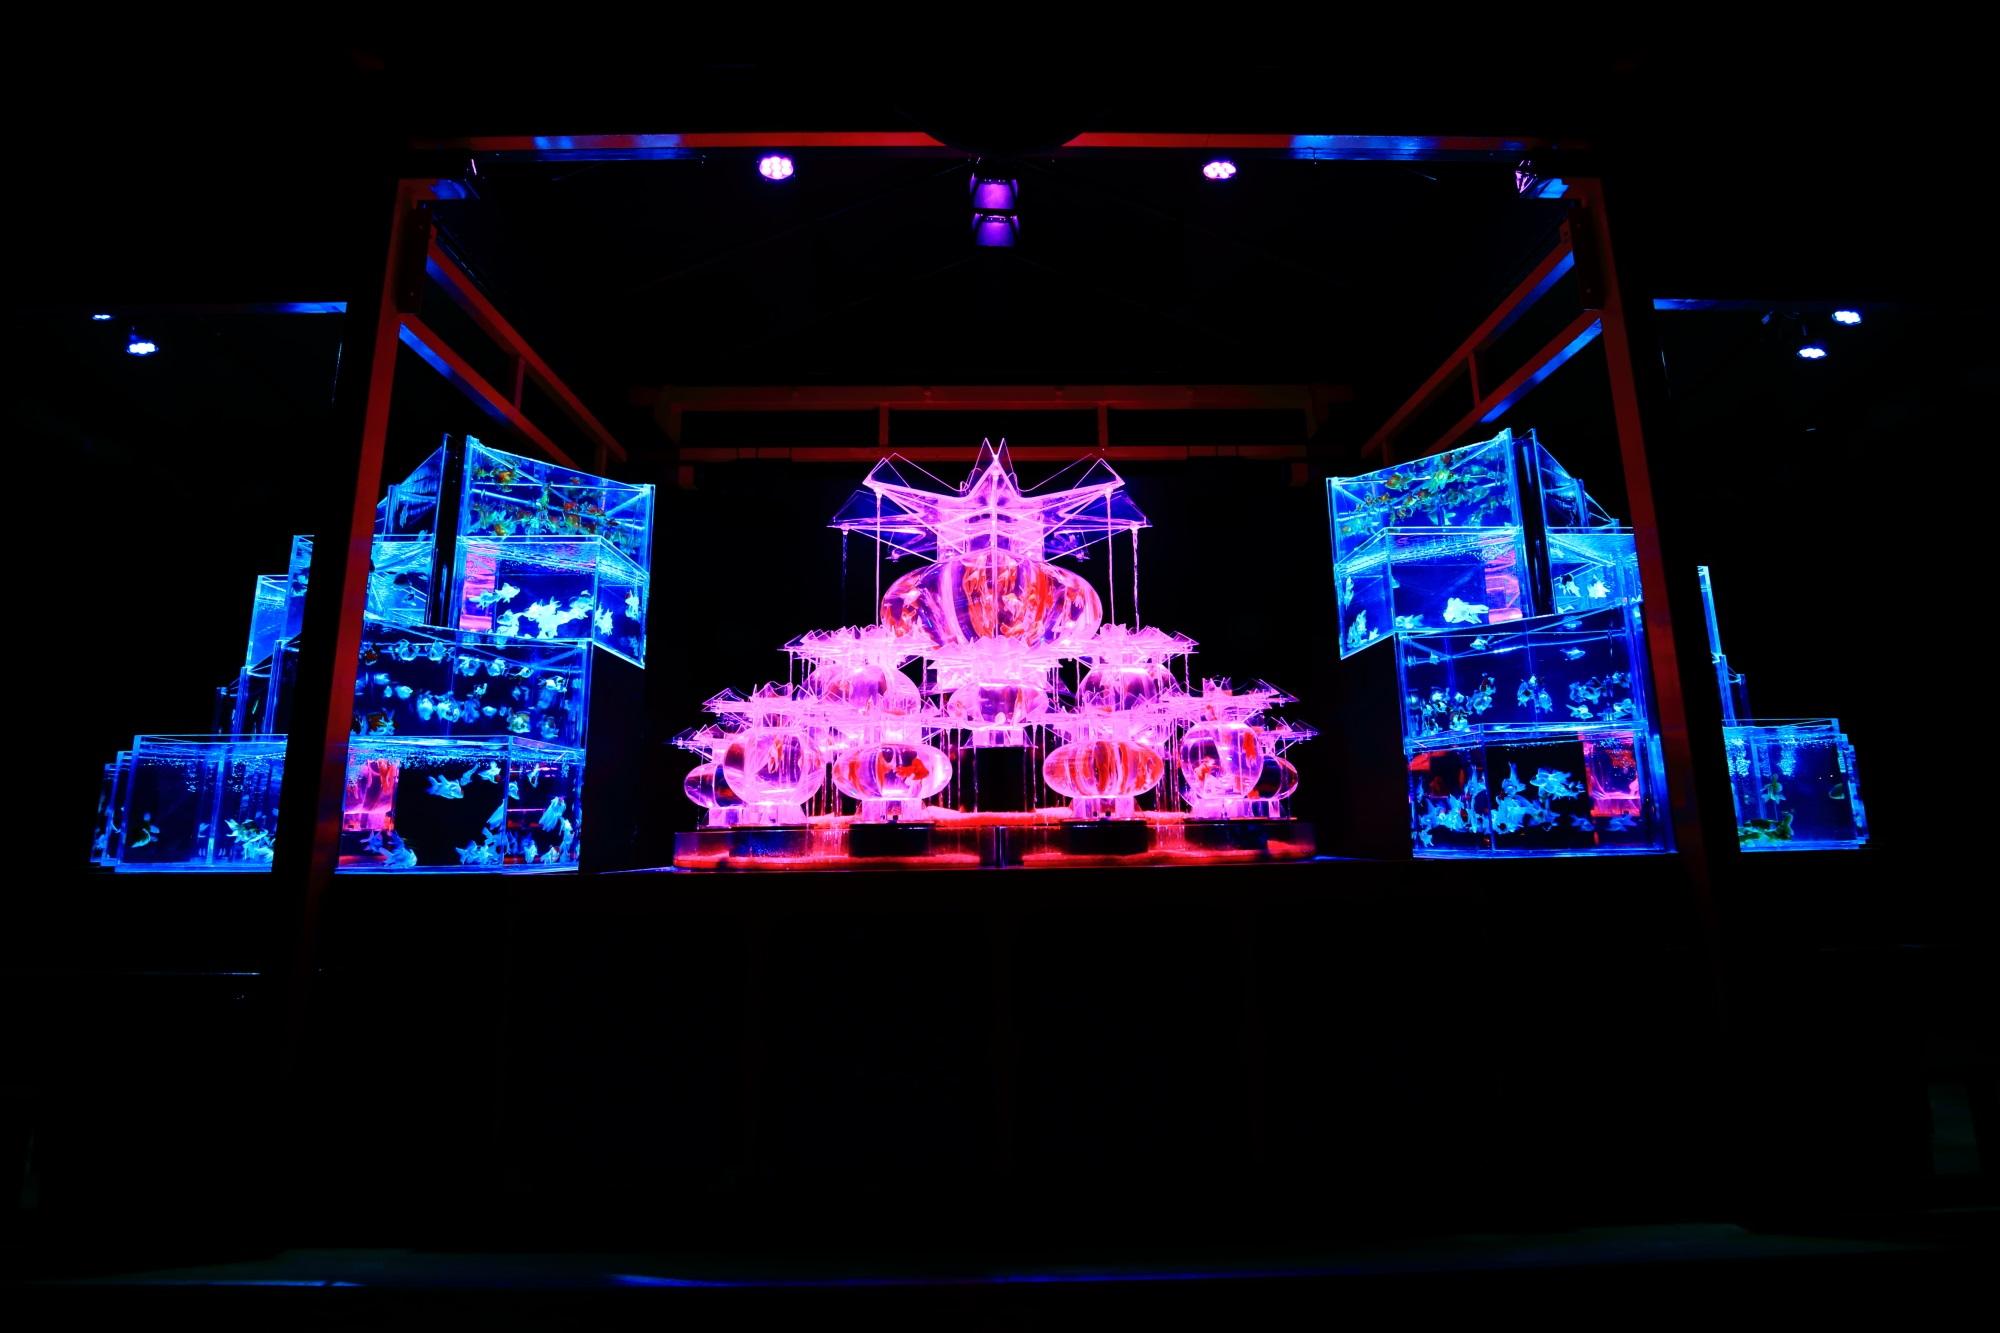 アートアクアリウム城 2015年 大奥 金魚の舞